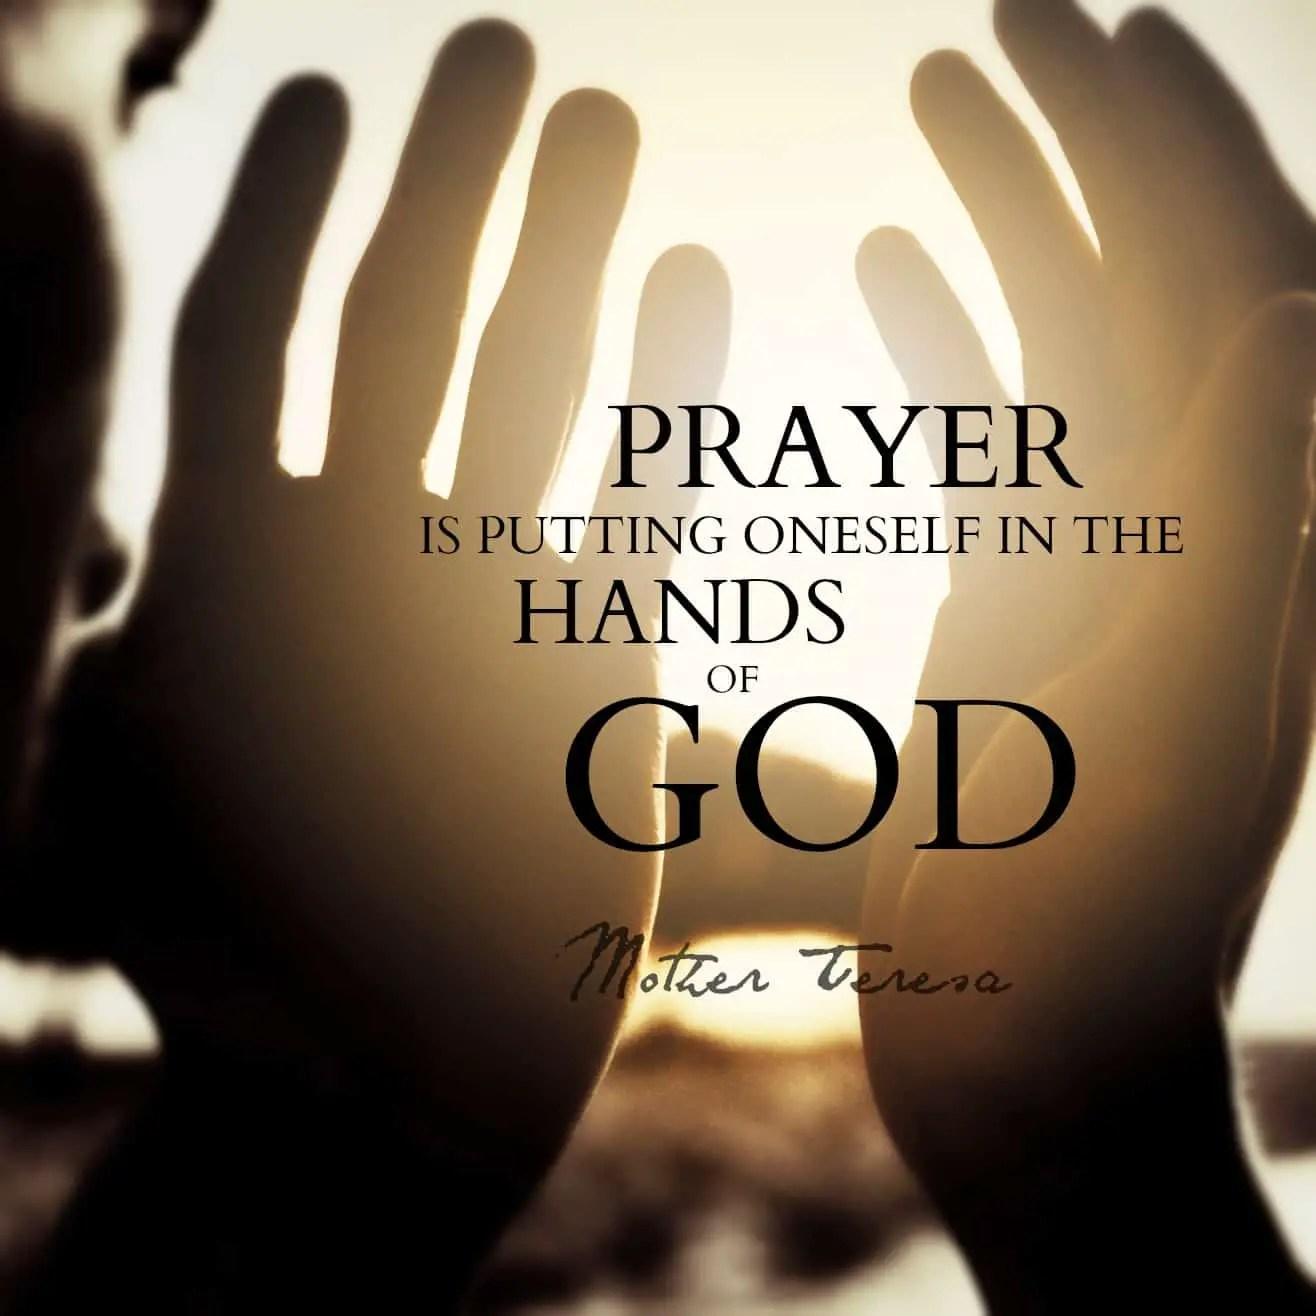 https://i1.wp.com/www.prayerrelay.com/wp-content/uploads/2014/04/Mother-Teresa-meme.jpg